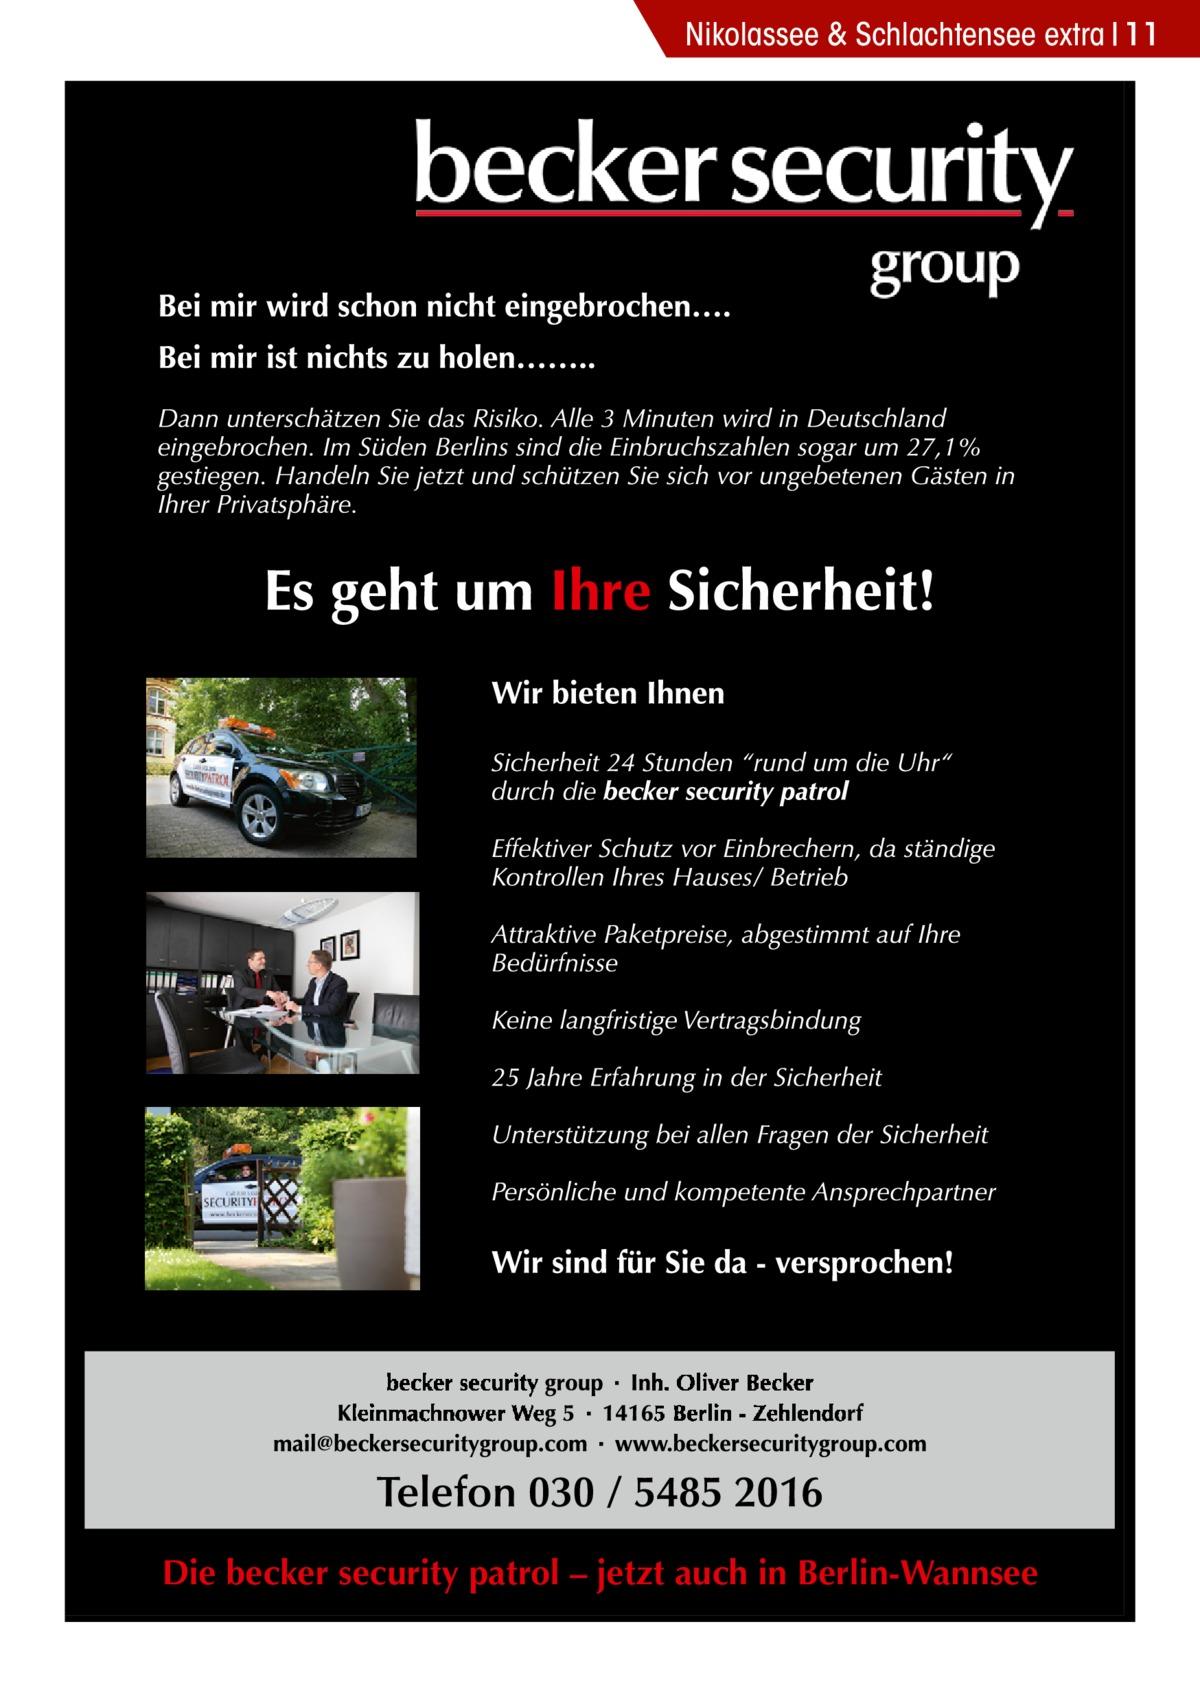 Nikolassee & Schlachtensee extra 11  Die becker security patrol – jetzt auch in Berlin-Wannsee